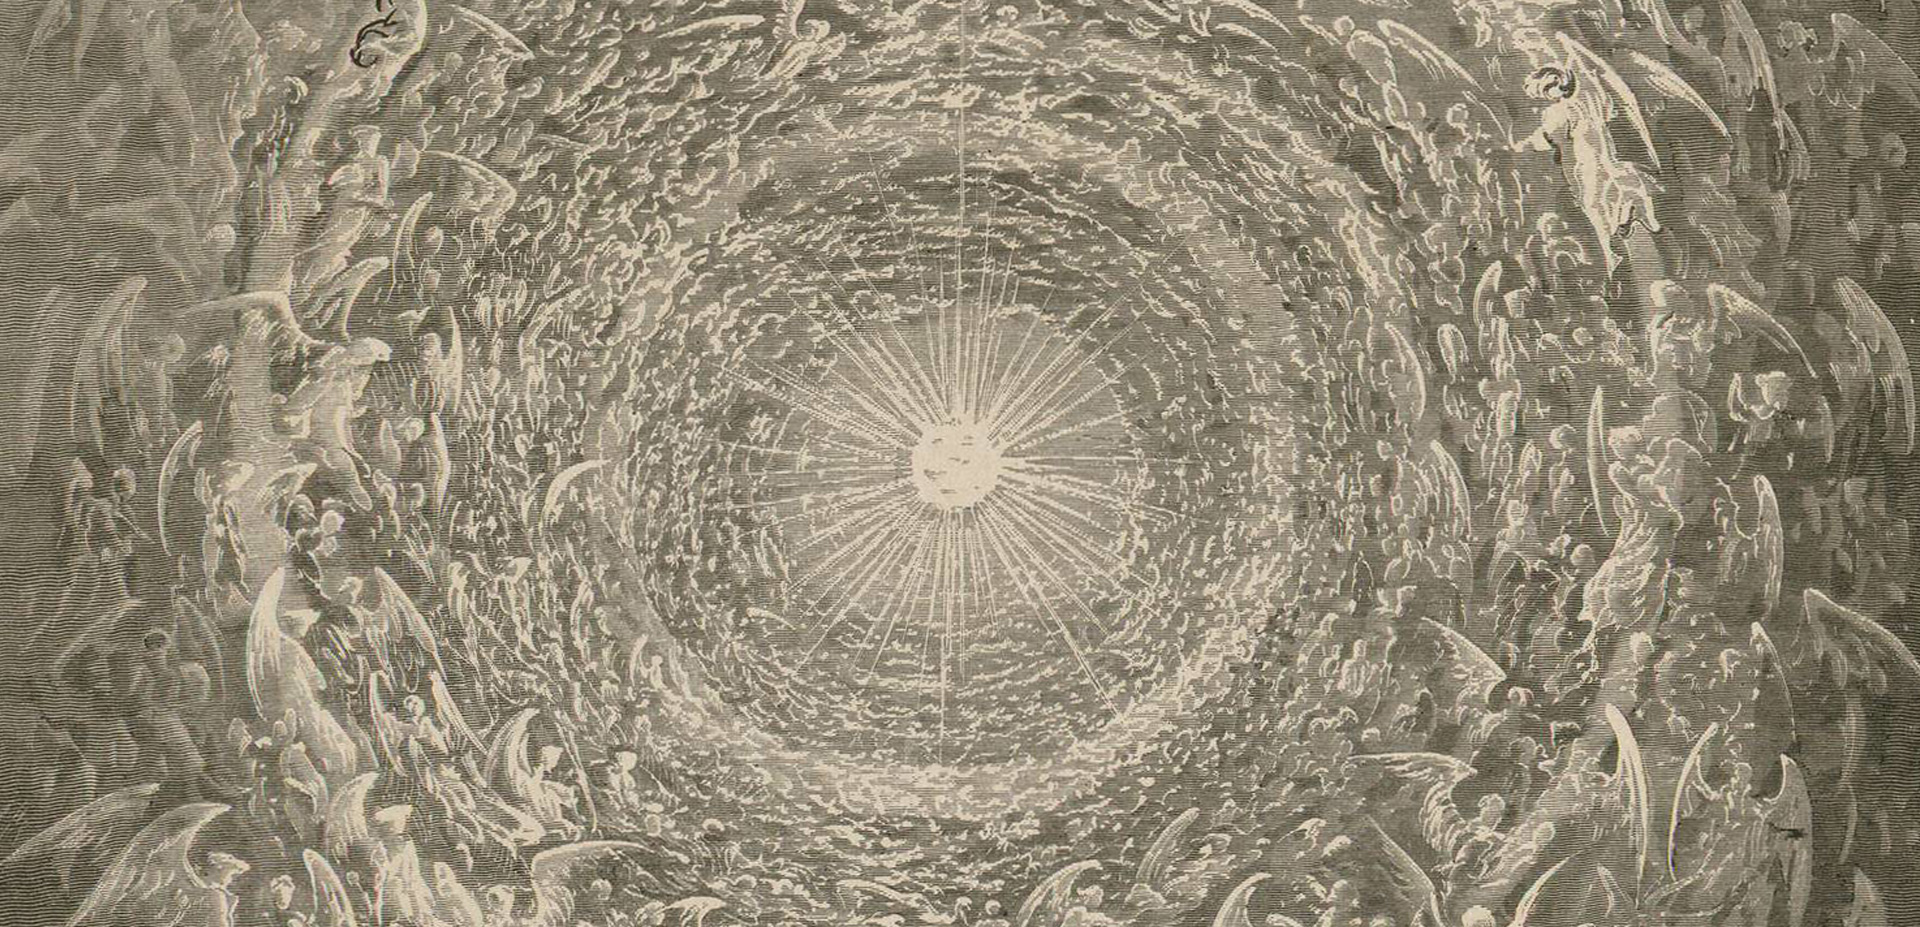 Besarilia - X Congreso - Gustave Doré, grabado para la Divina Comedia, Paraíso, Tomo II - Ed. española Museo del Romanticismo